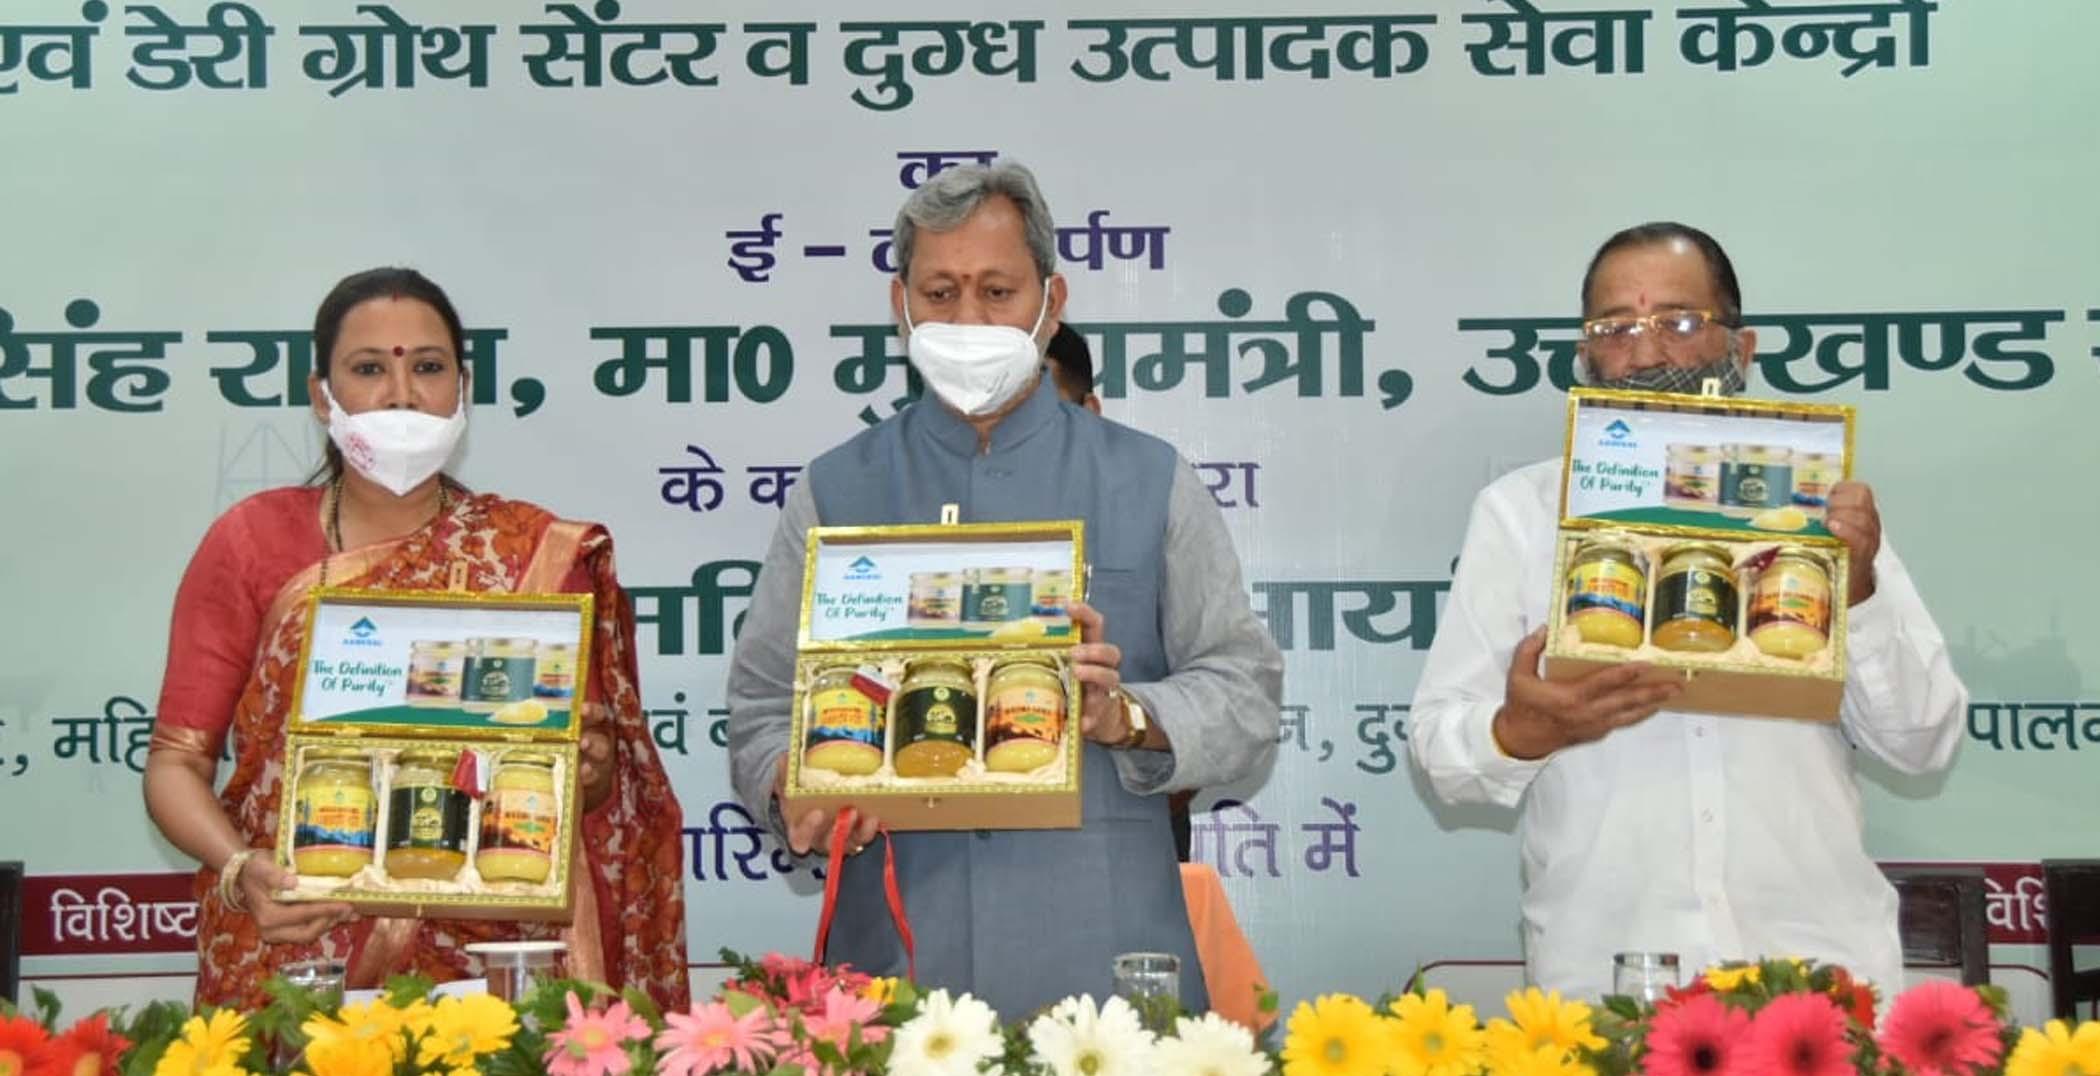 स्थानीय उत्पादों की मार्केटिंग पर विशेष ध्यान दें- मुख्यमंत्री तीरथ